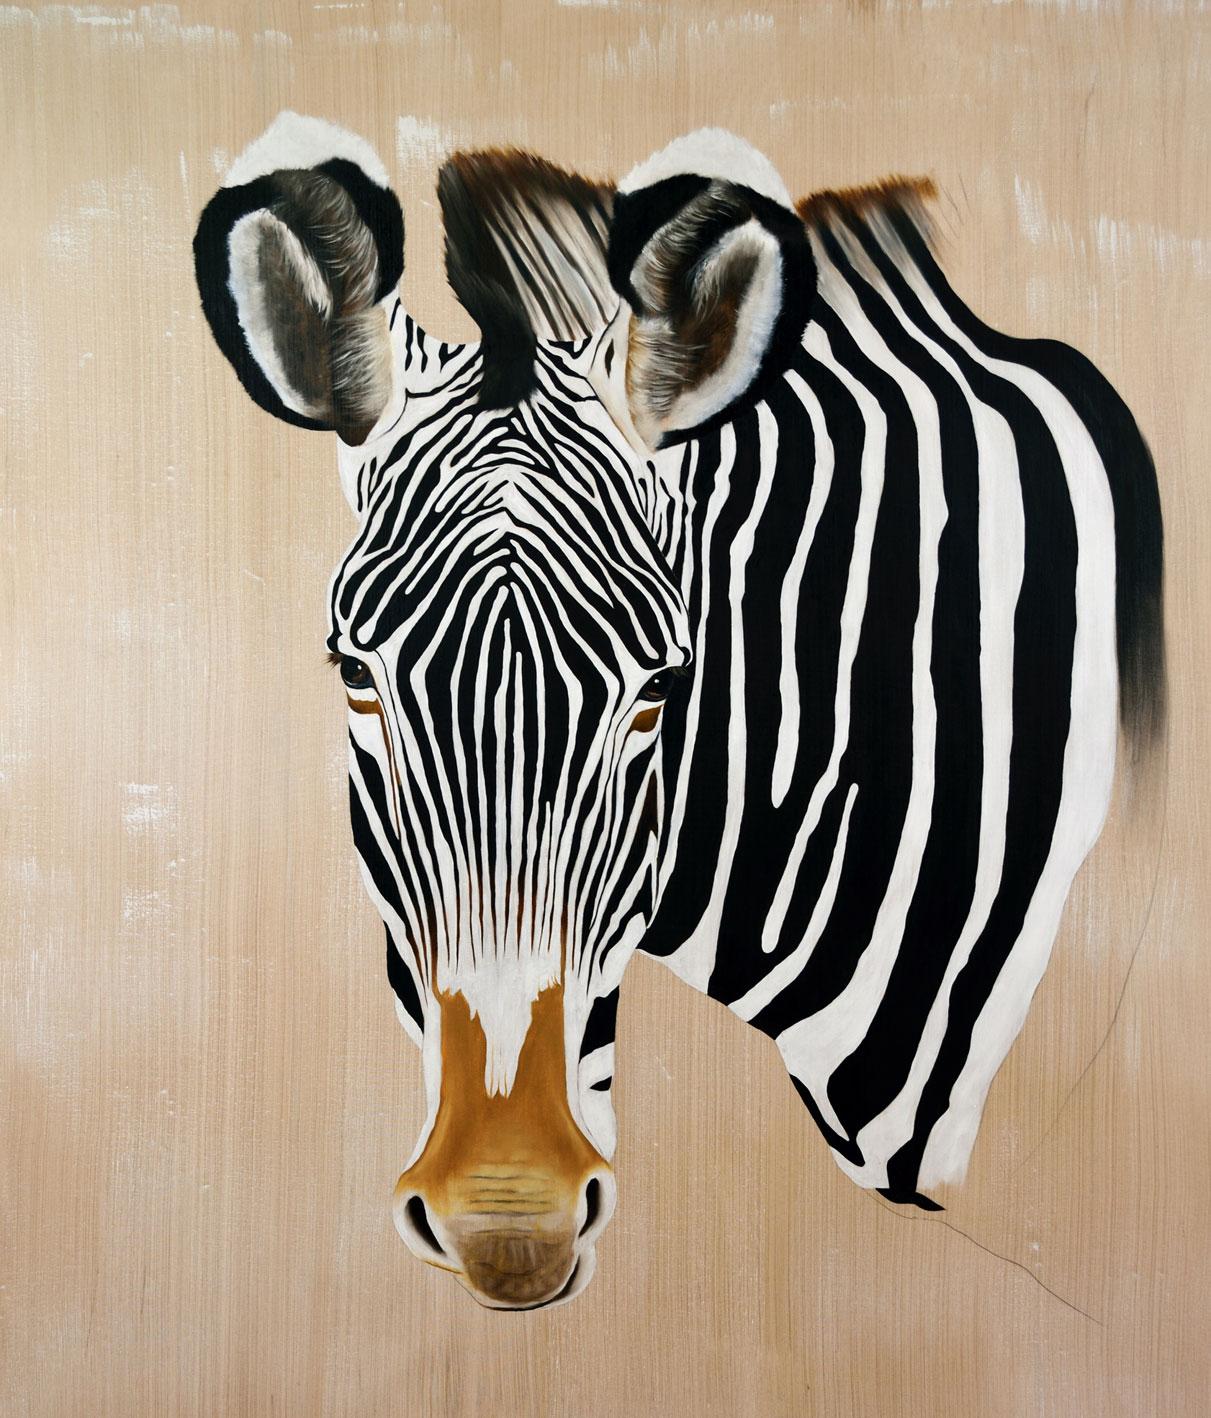 Equus Grevyi Thierry Bisch photographer Clementine de Forton Gallery